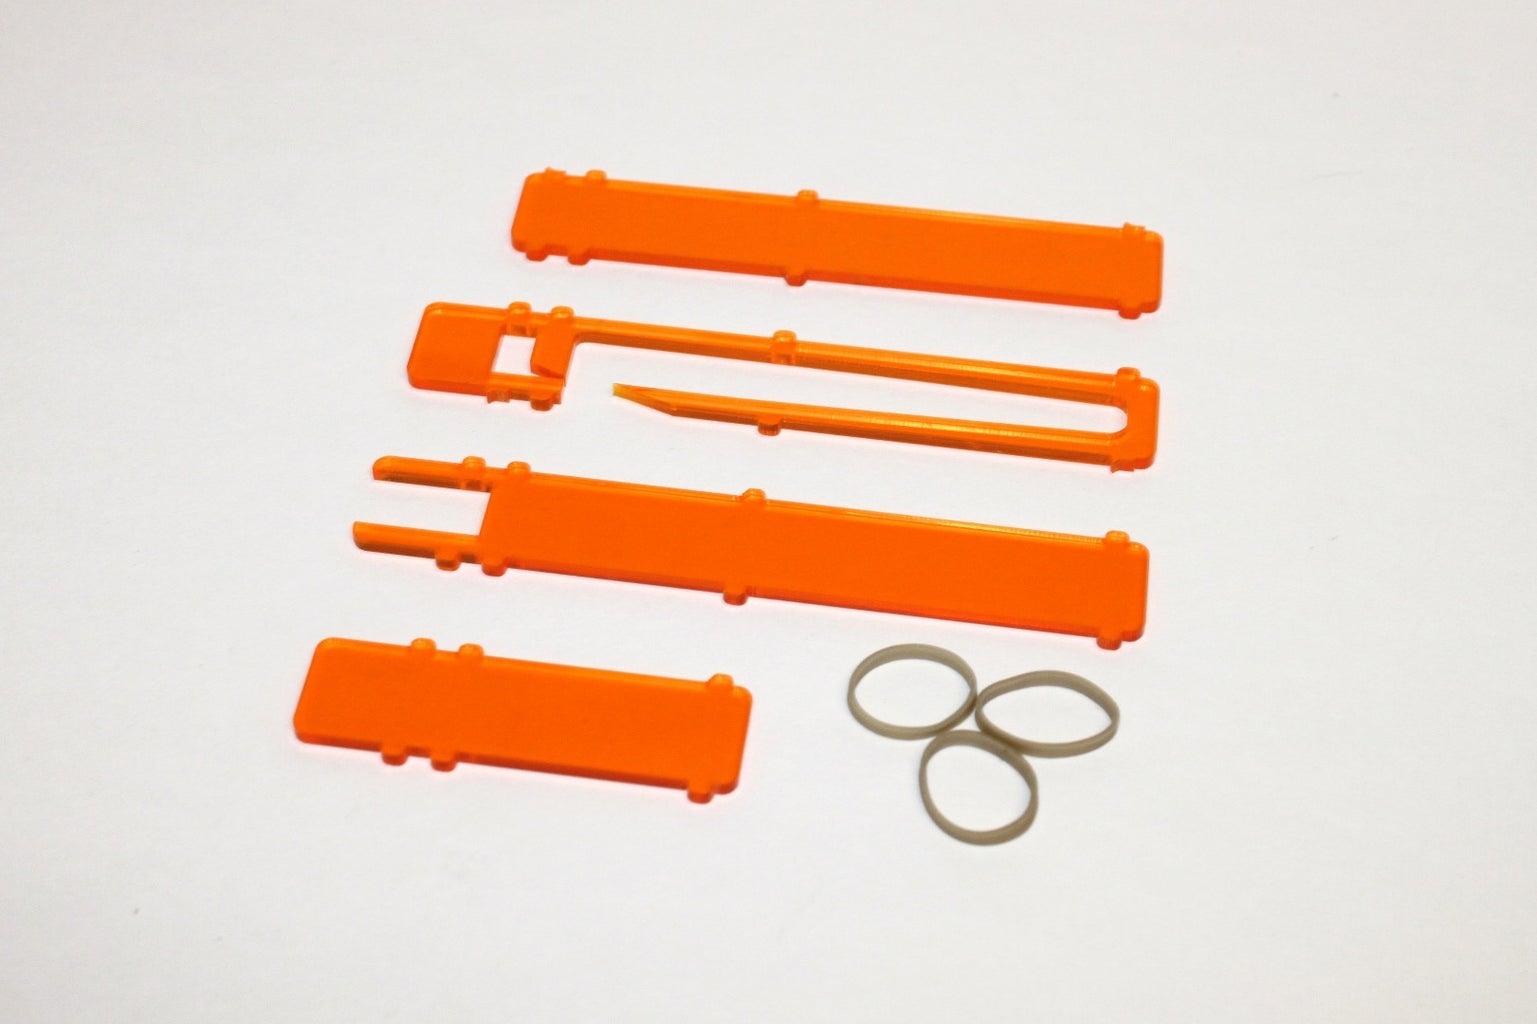 Materials, Parts and Tools: